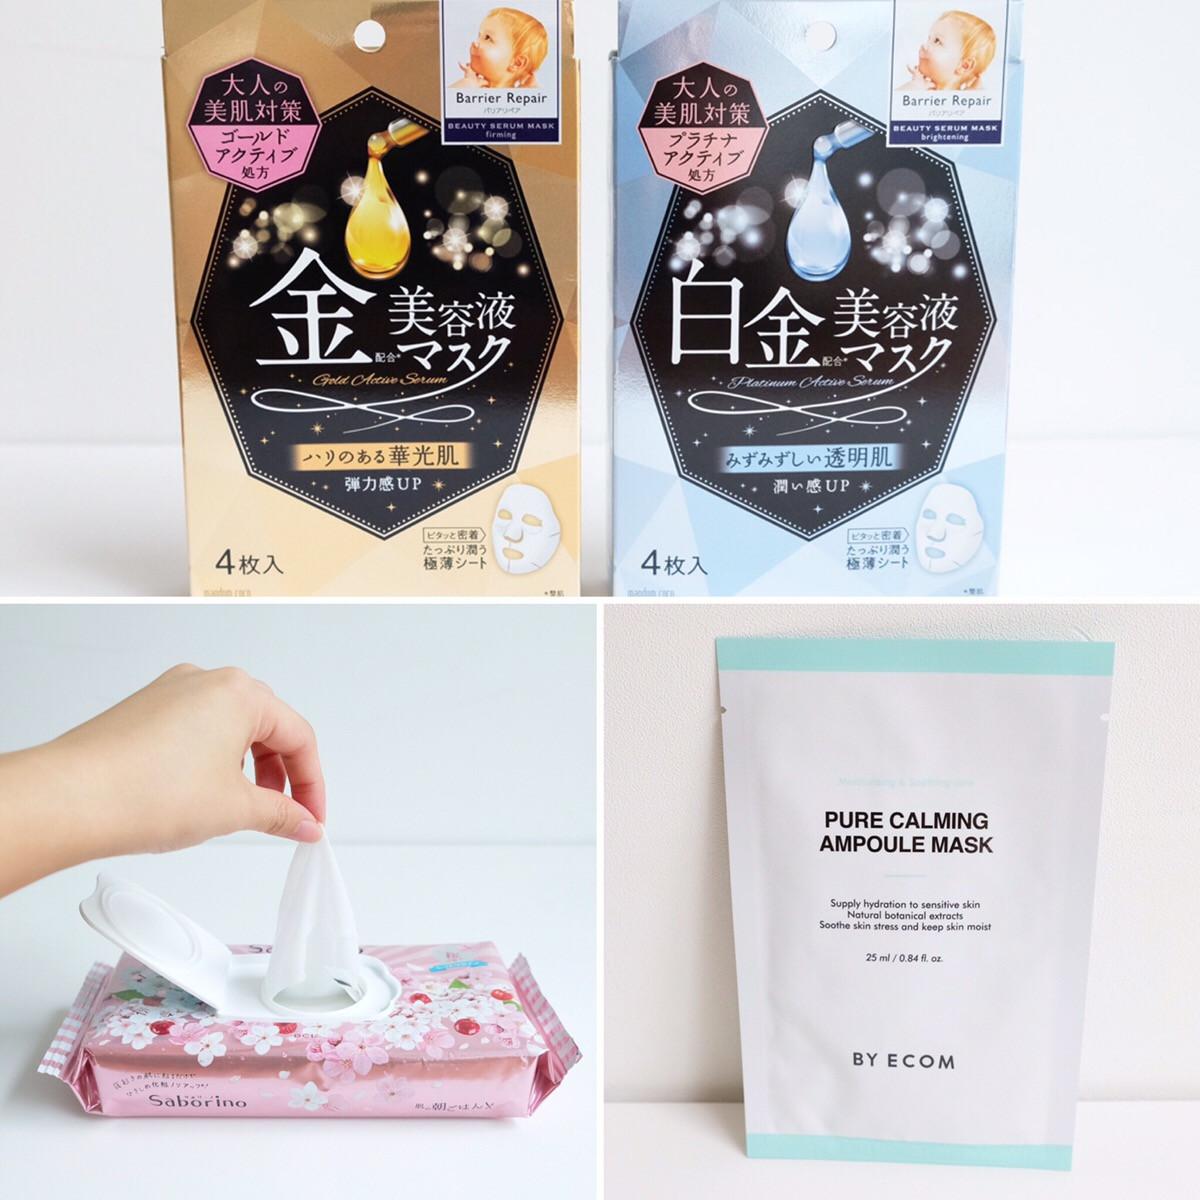 プチプラシートマスクで乾燥対策! 新作・限定・韓国品をタッチ&トライ #プチプラコスメは水曜日に